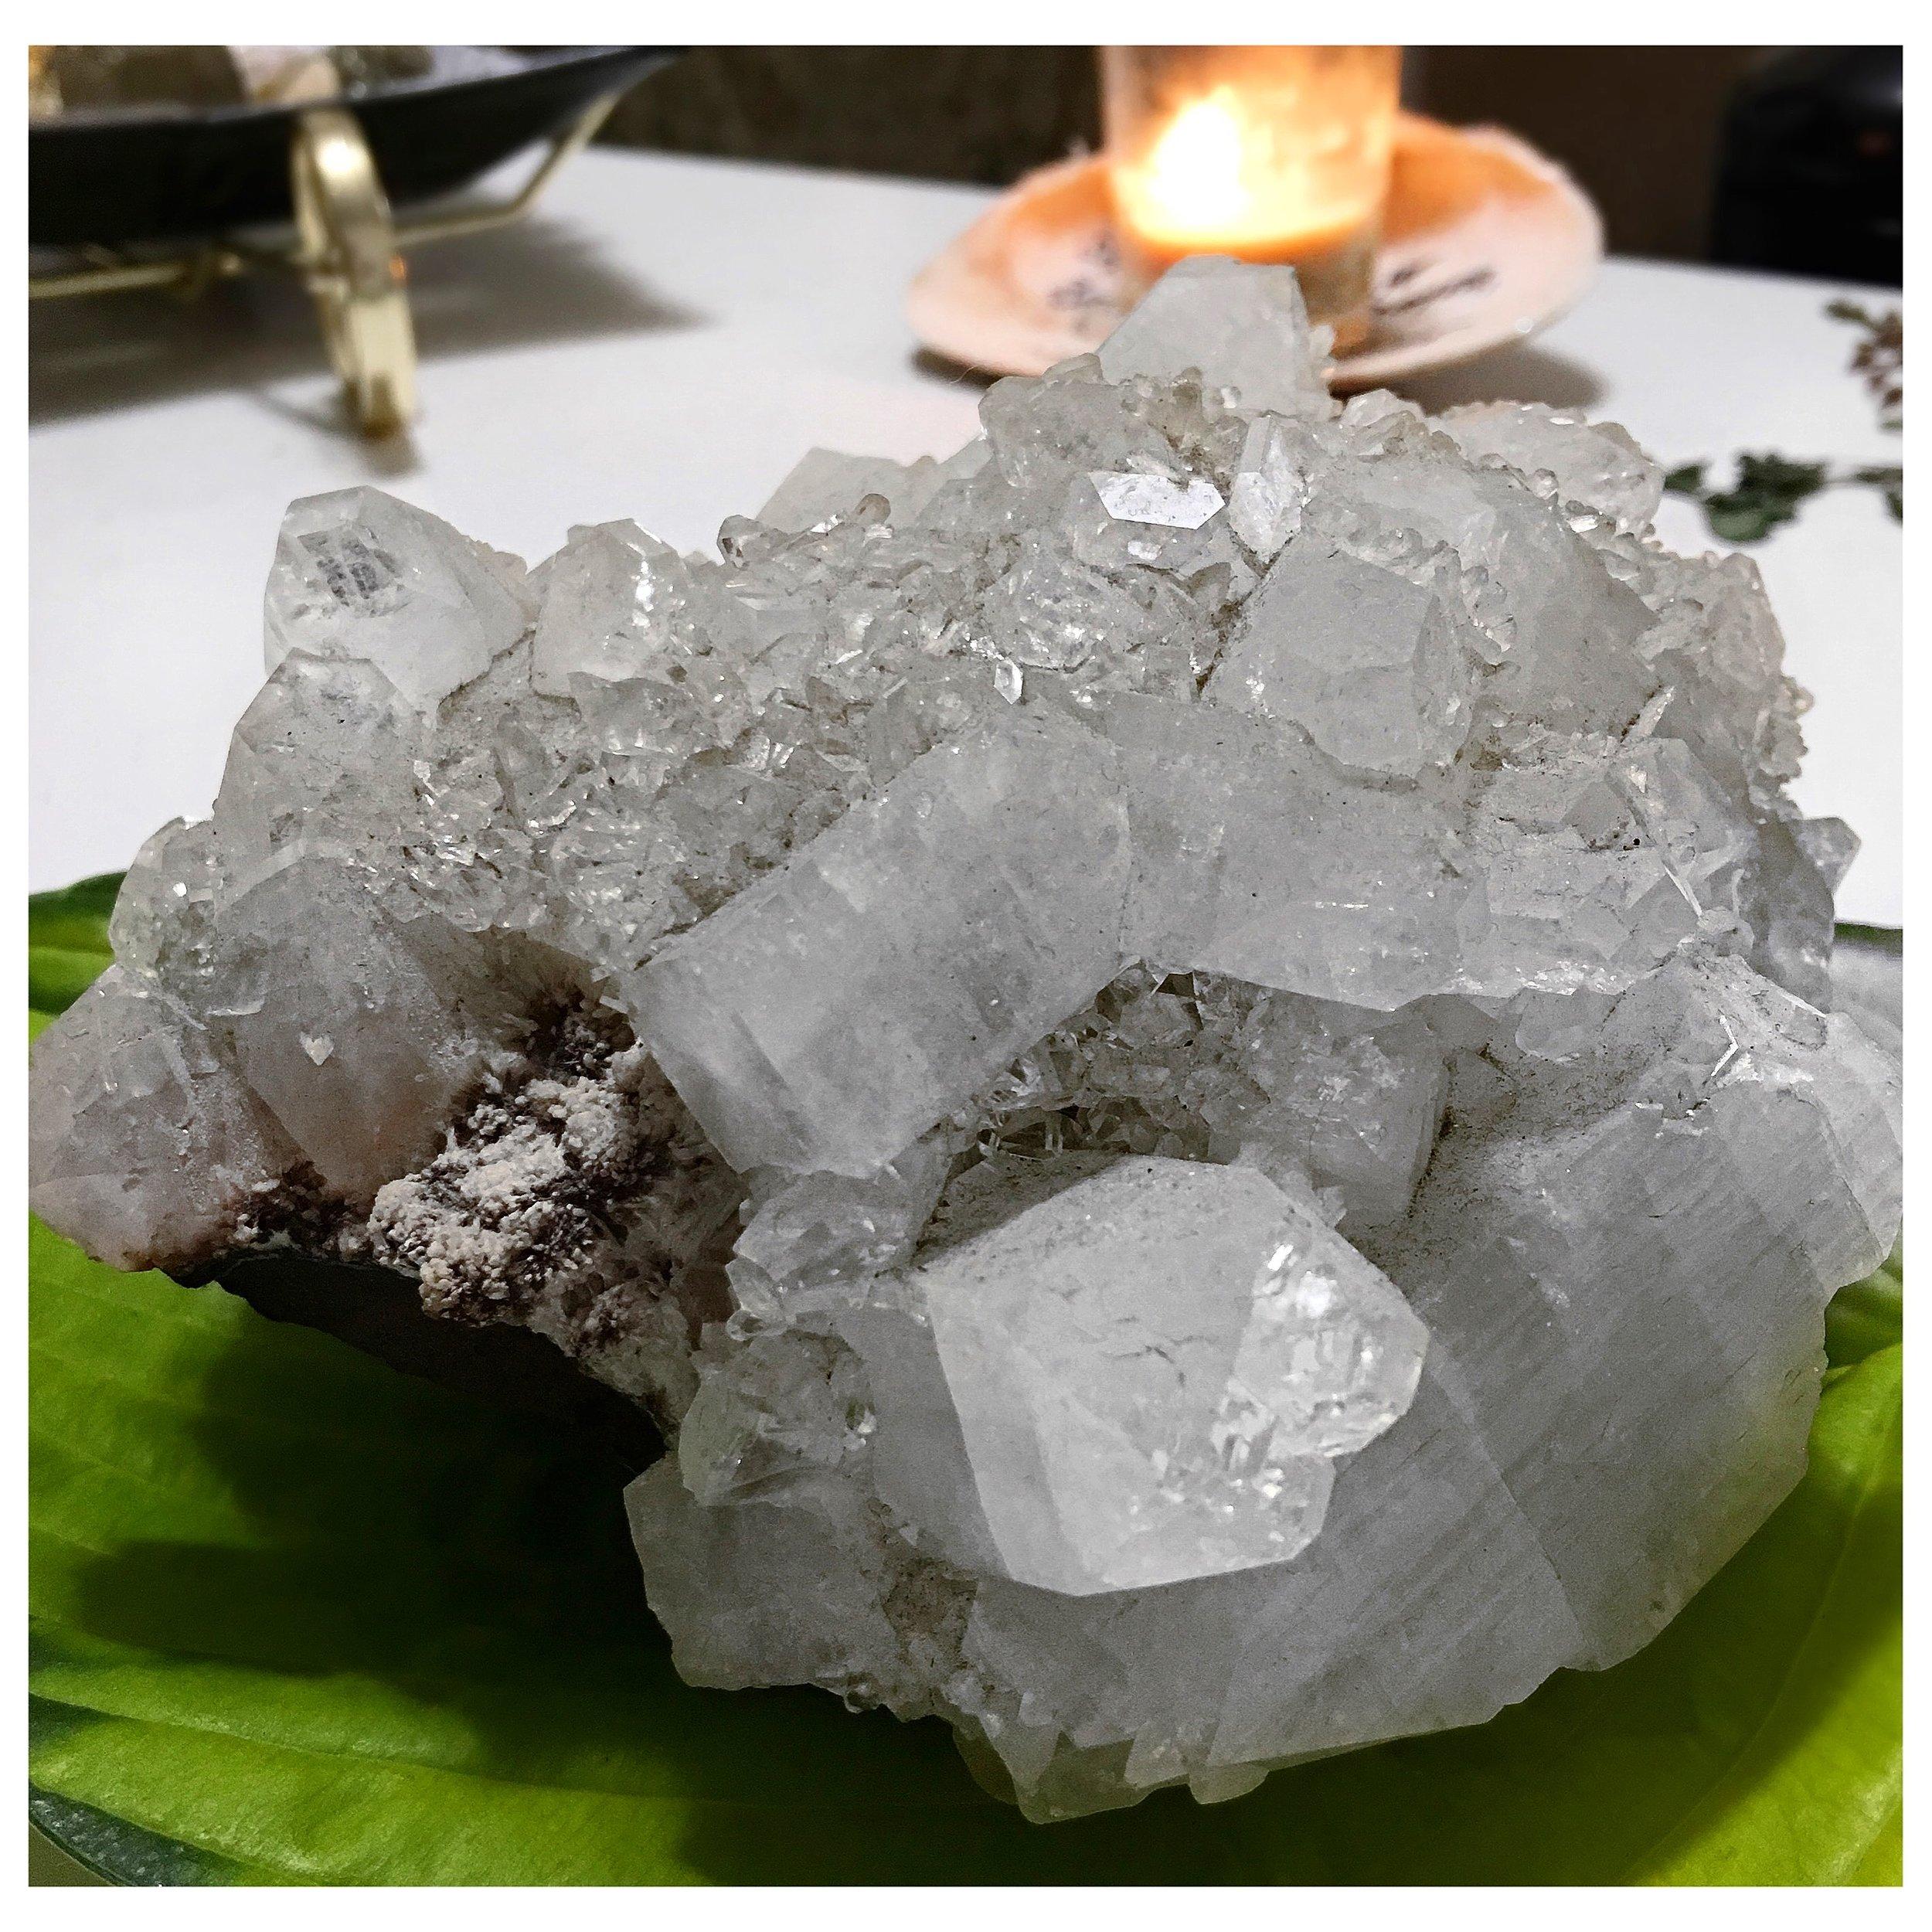 apophyllite cluster / krista-mitchell.com